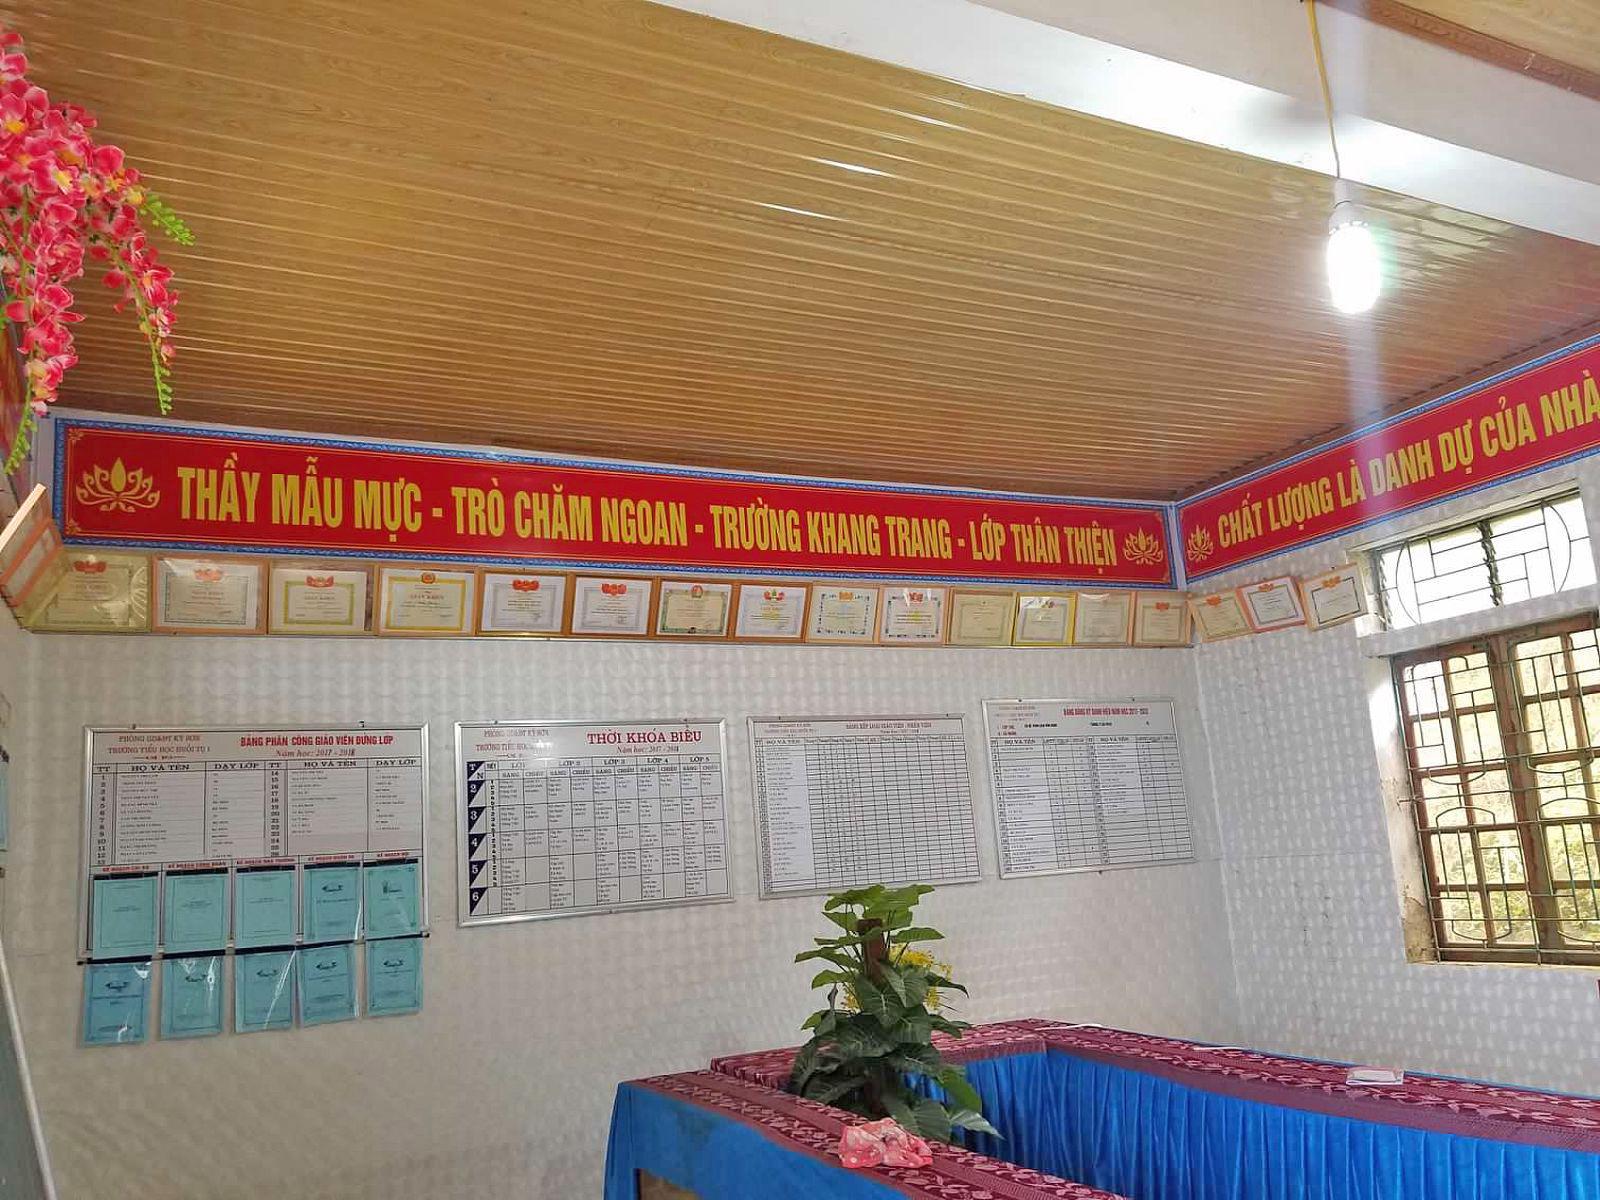 65 truong tieu hoc Huoi Tu sau khi sua (188)